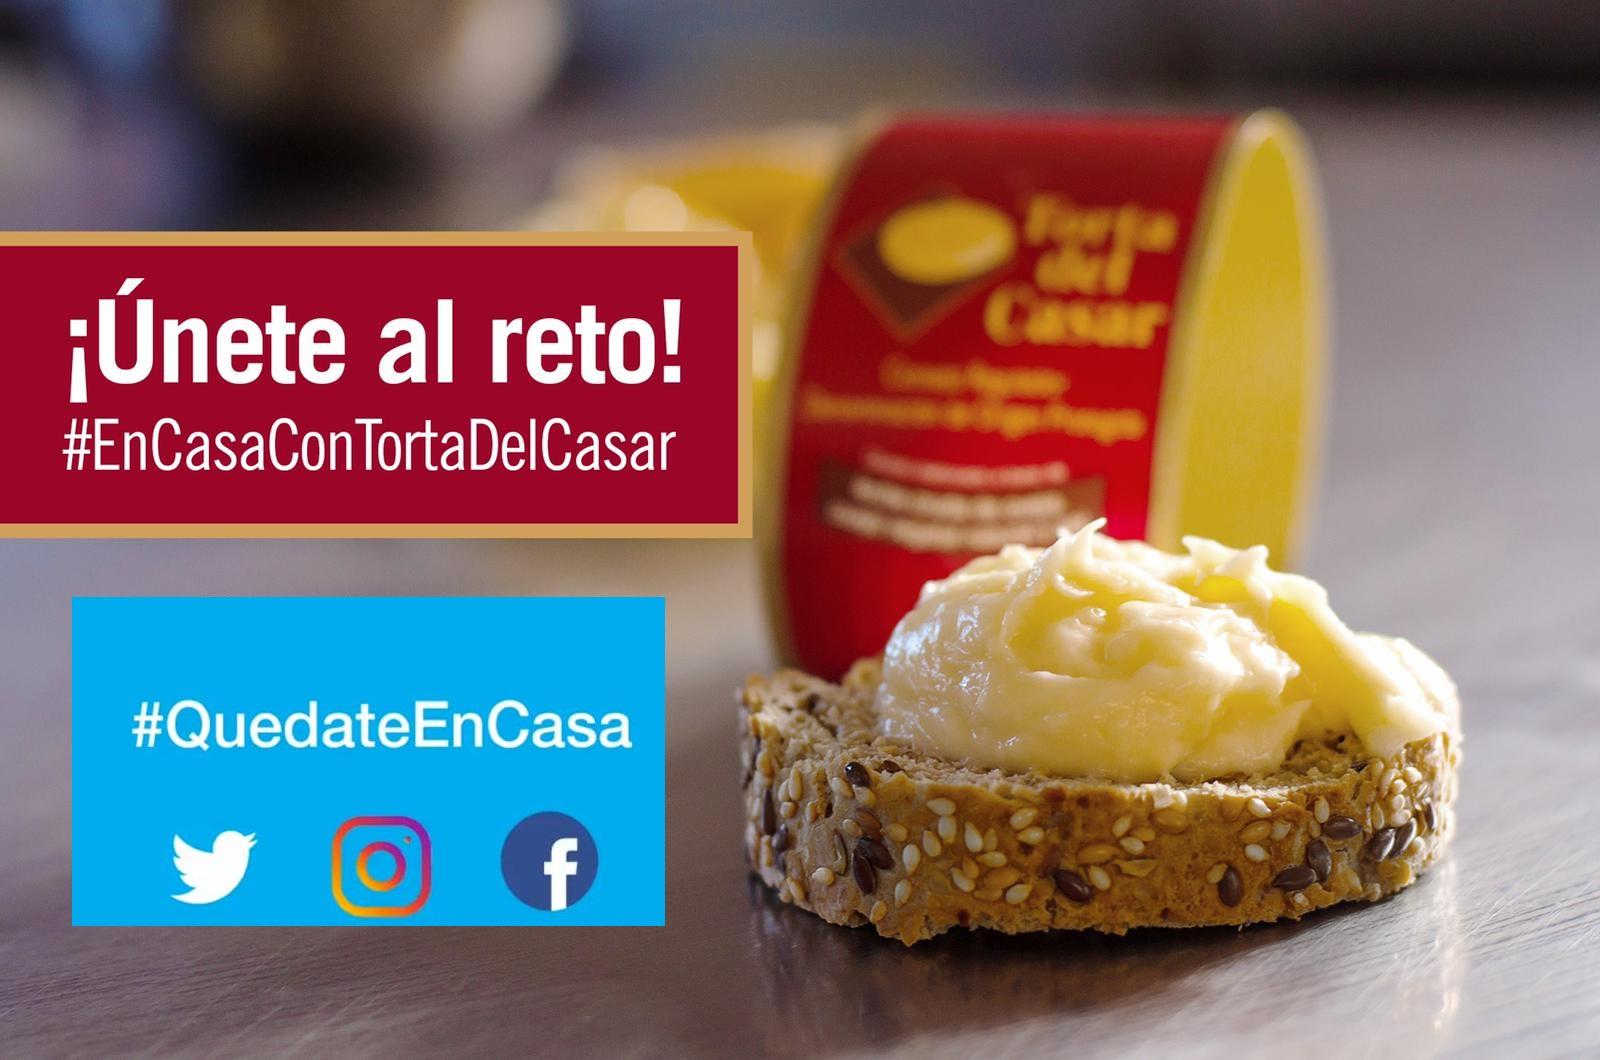 Únete al Reto #En Casa con Torta del Casar y gana un delicioso lote!